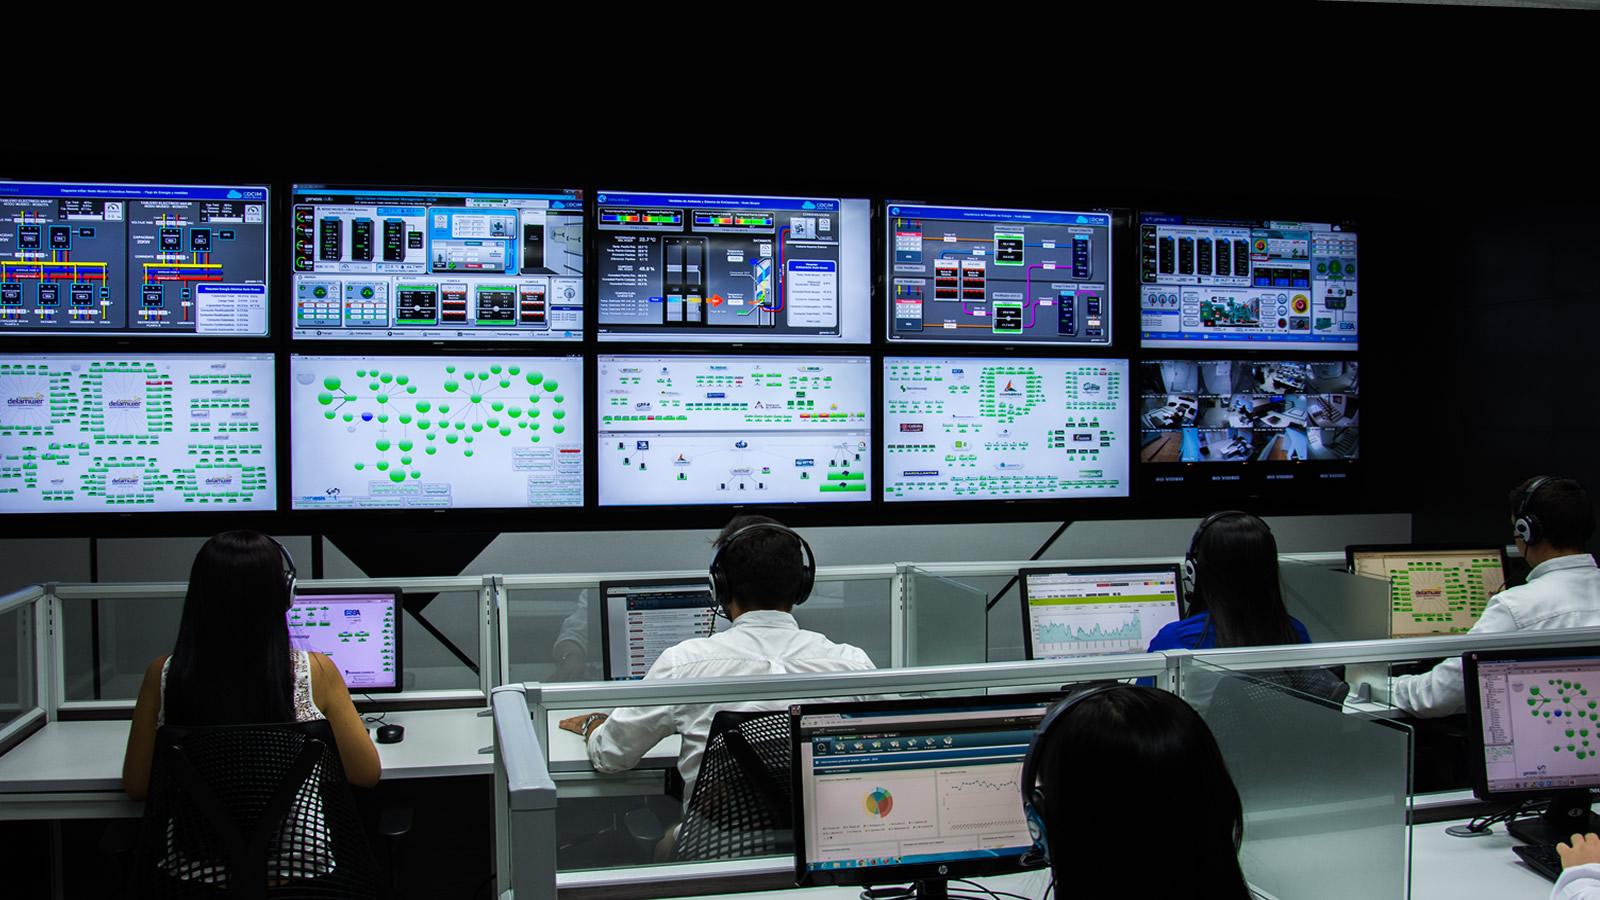 Soporte de servicios tecnológicos, interventoría  y consultoría TI